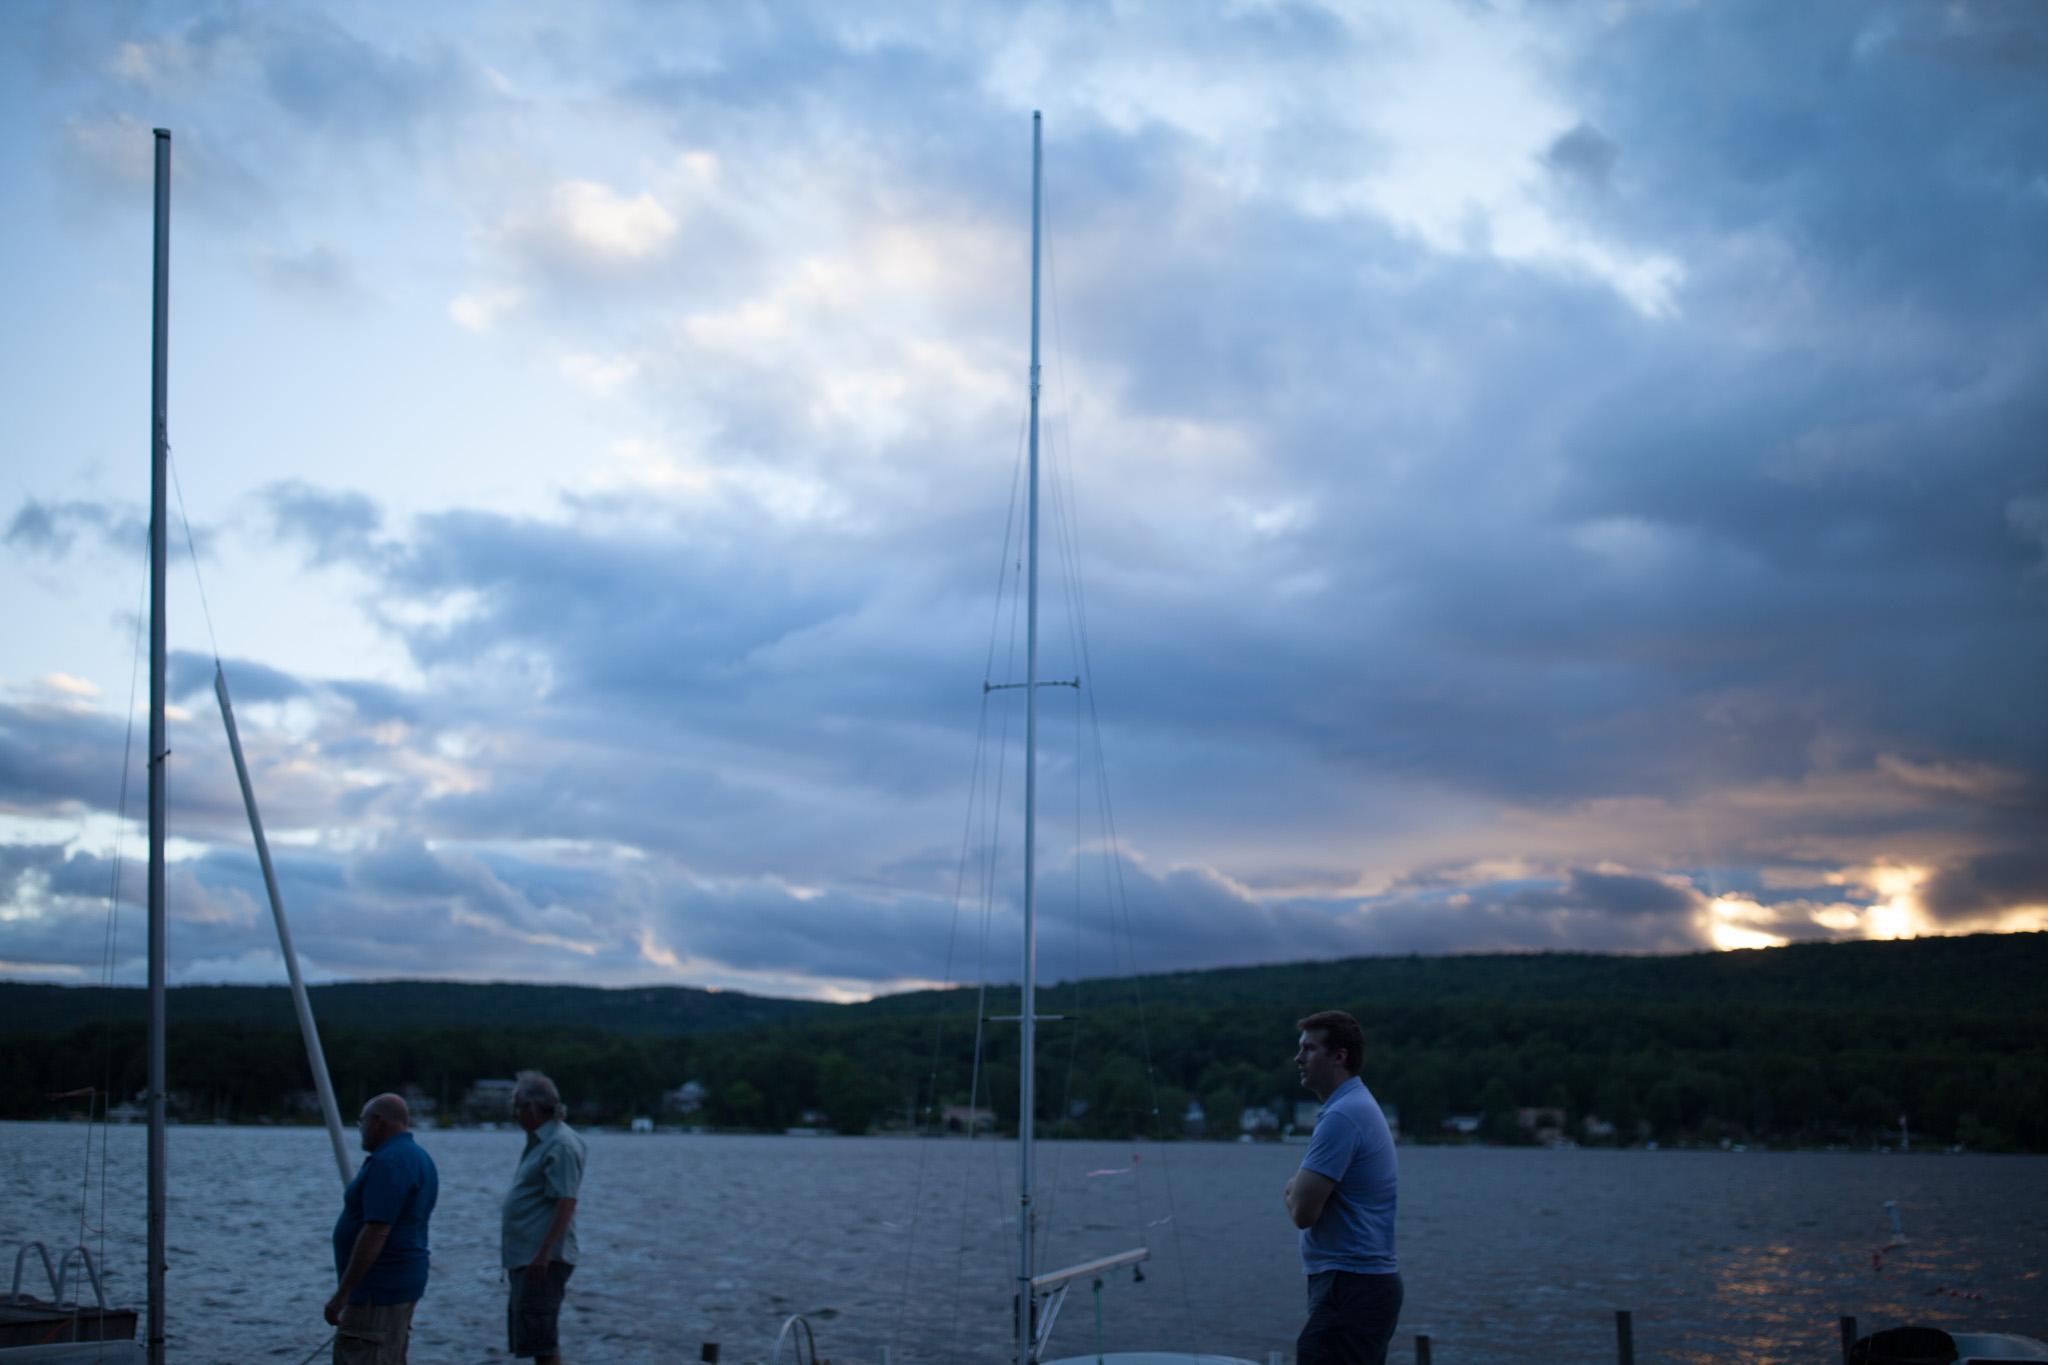 Sailing-003.jpg